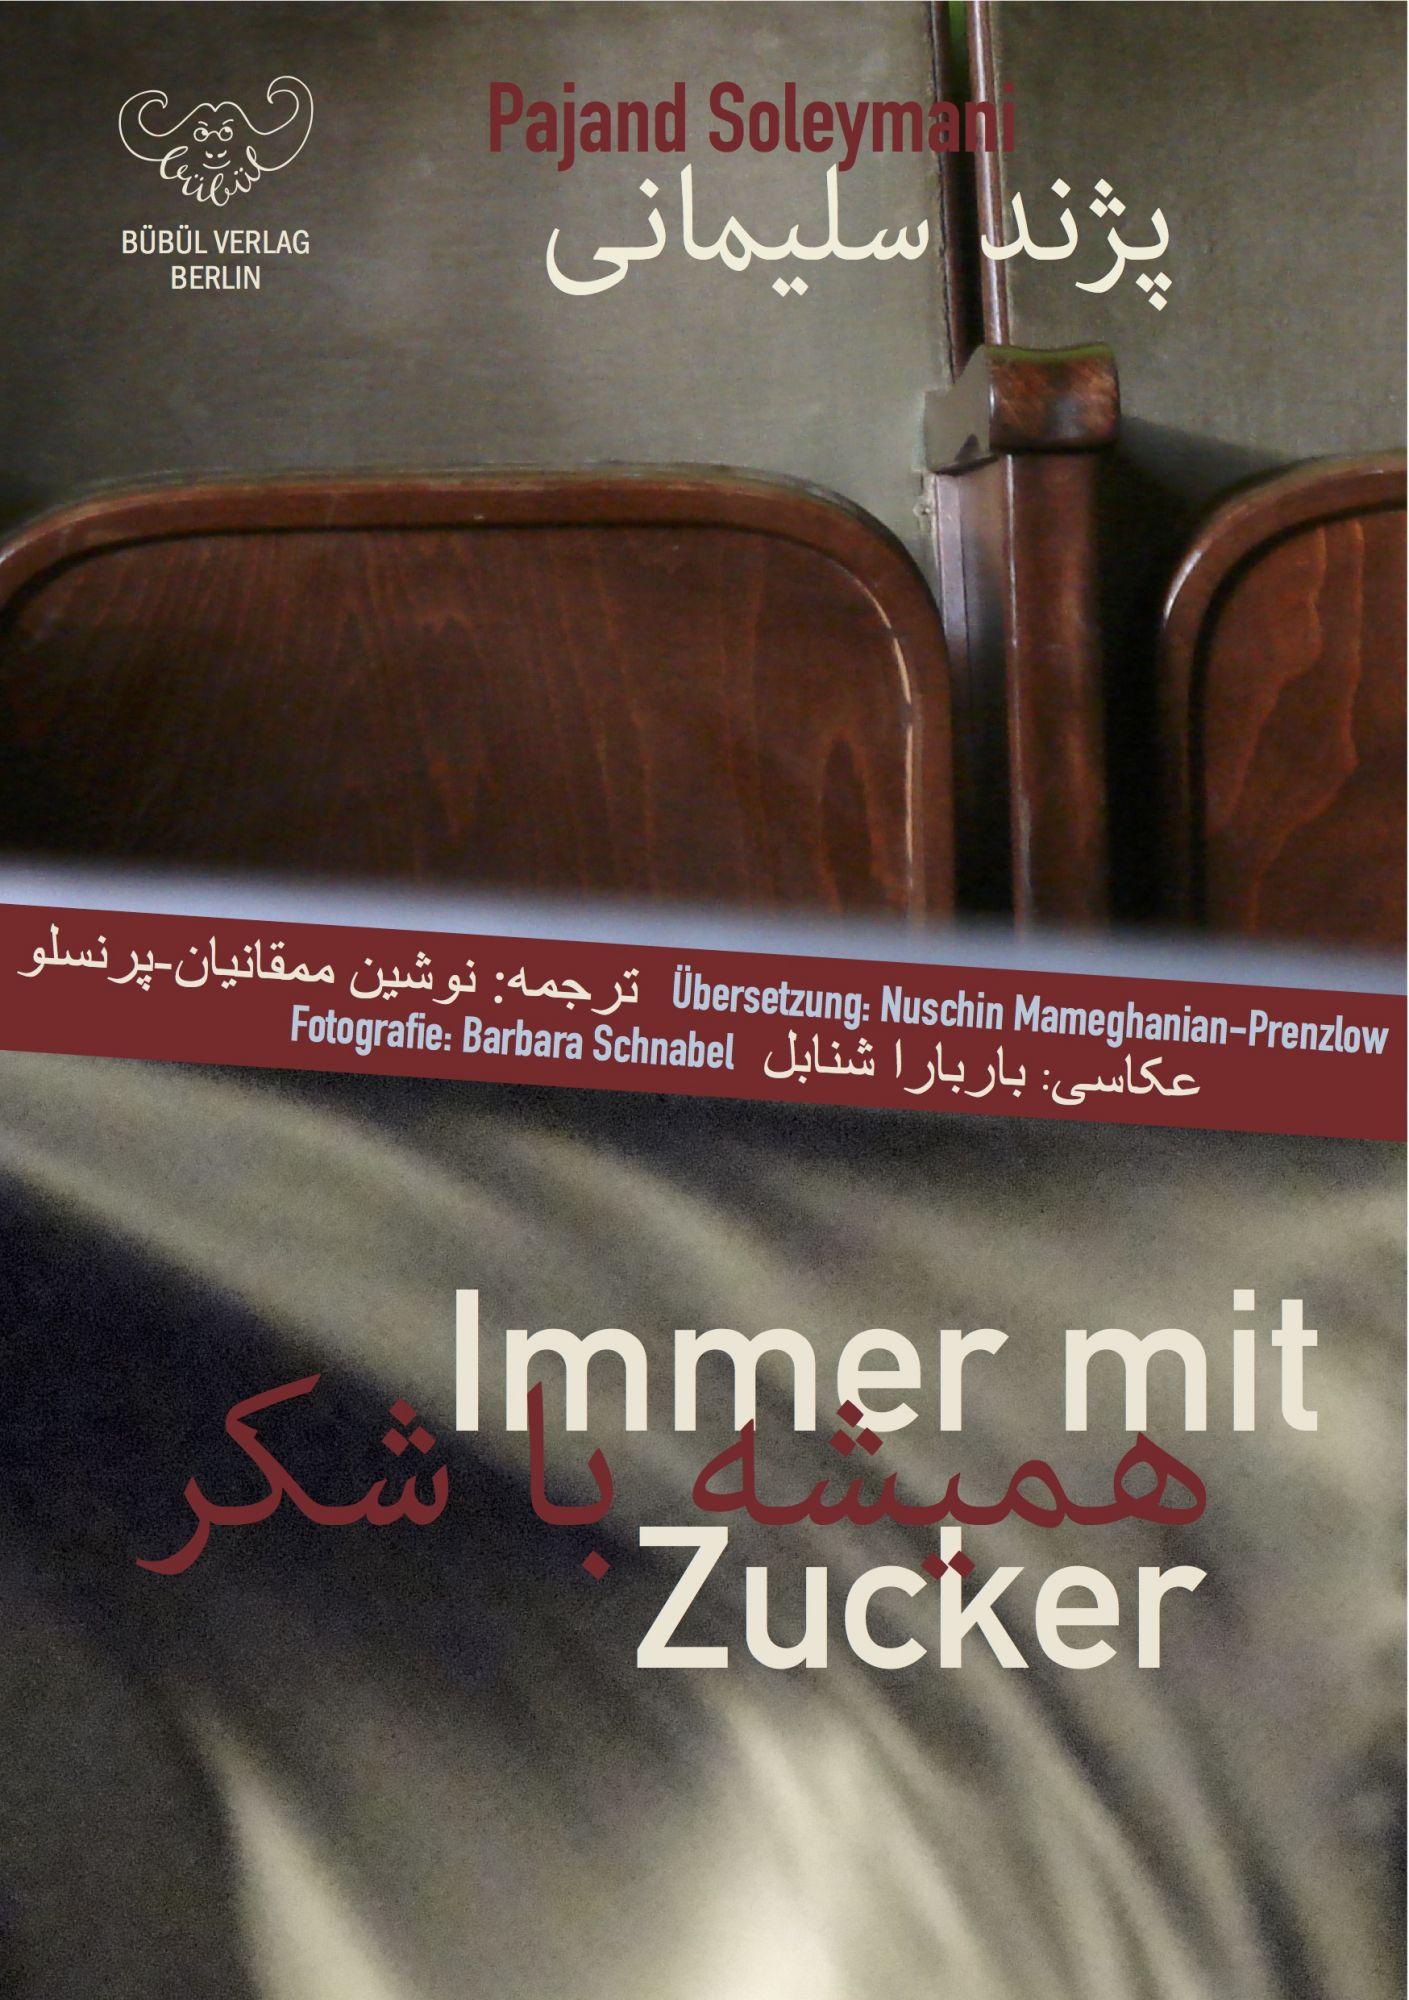 Pajand Soleymani: Immer mit Zucker - همیشه با شکر